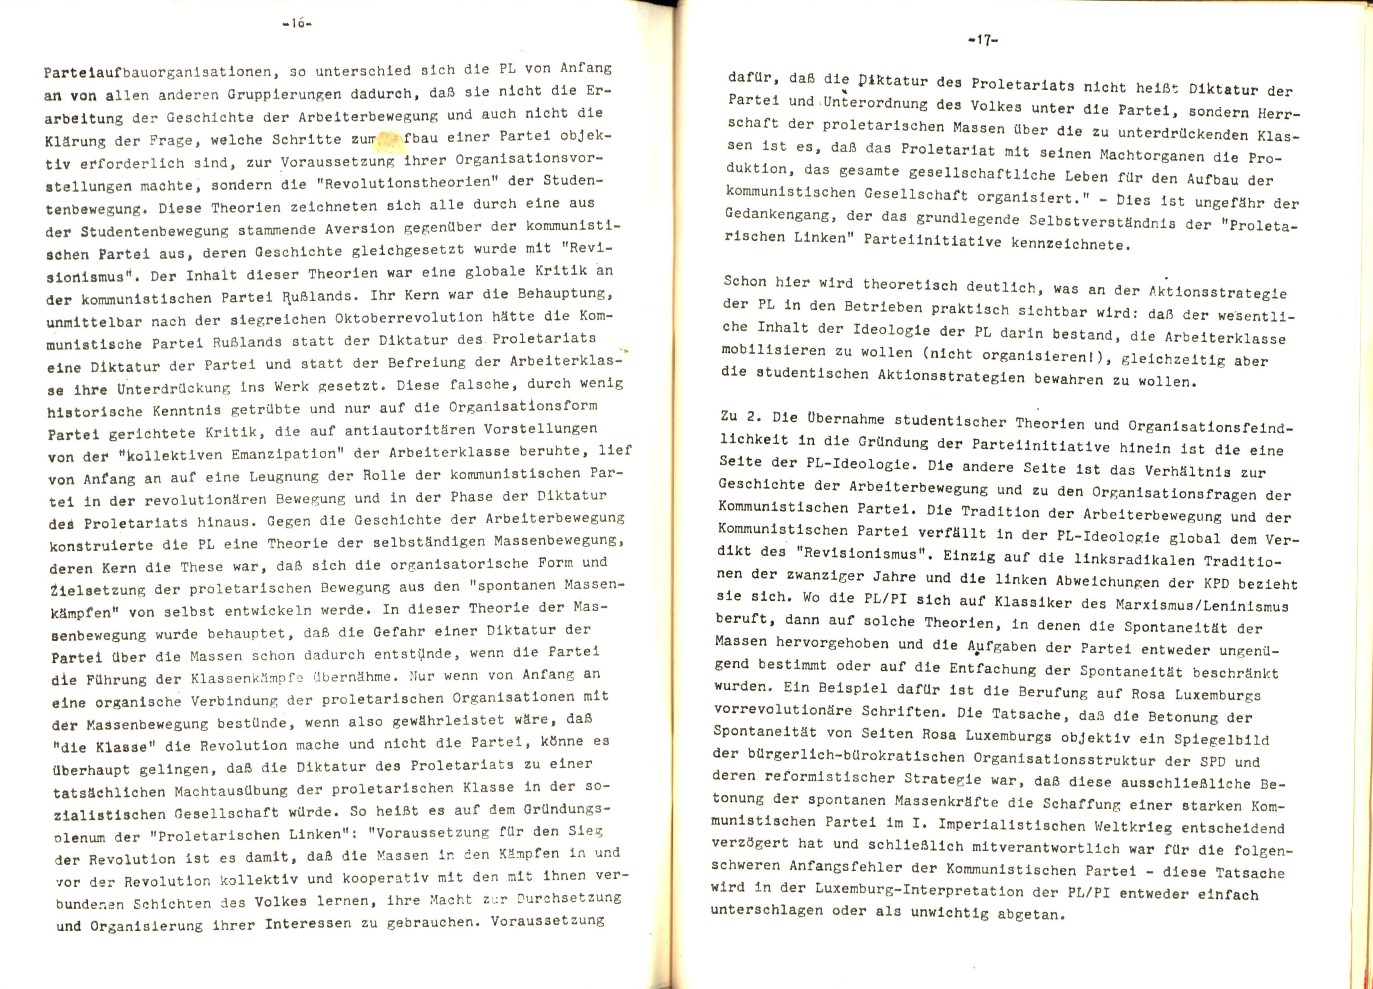 PLPI_1971_Aufloesung_11